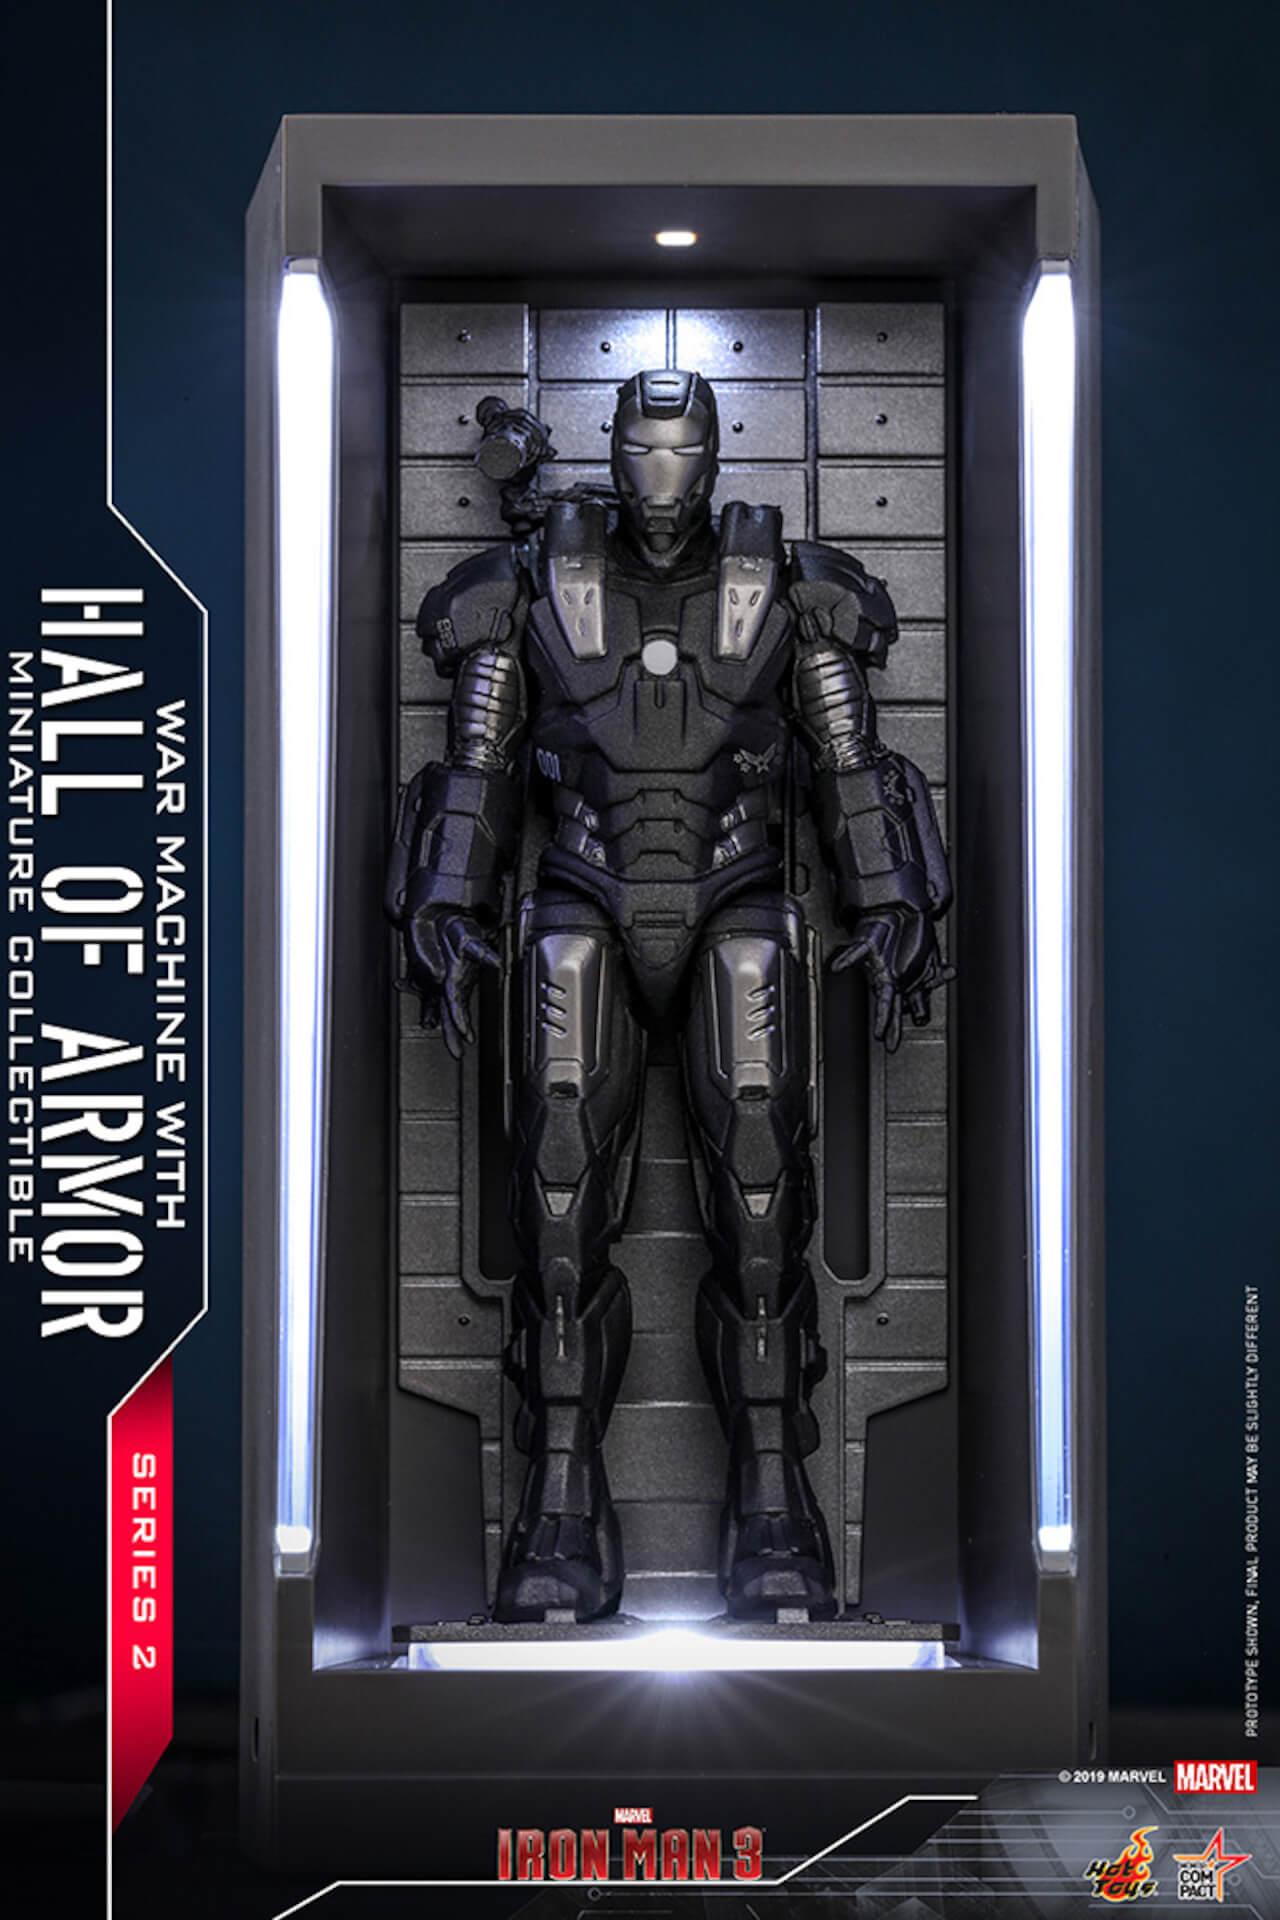 『アイアンマン3』に登場するアーマーが手のひらサイズに!ホットトイズからアイアンマンのミニチュアシリーズ2がホール・オブ・アーマー付き6体セットで発売! ac200124_hottoys_ironman_09